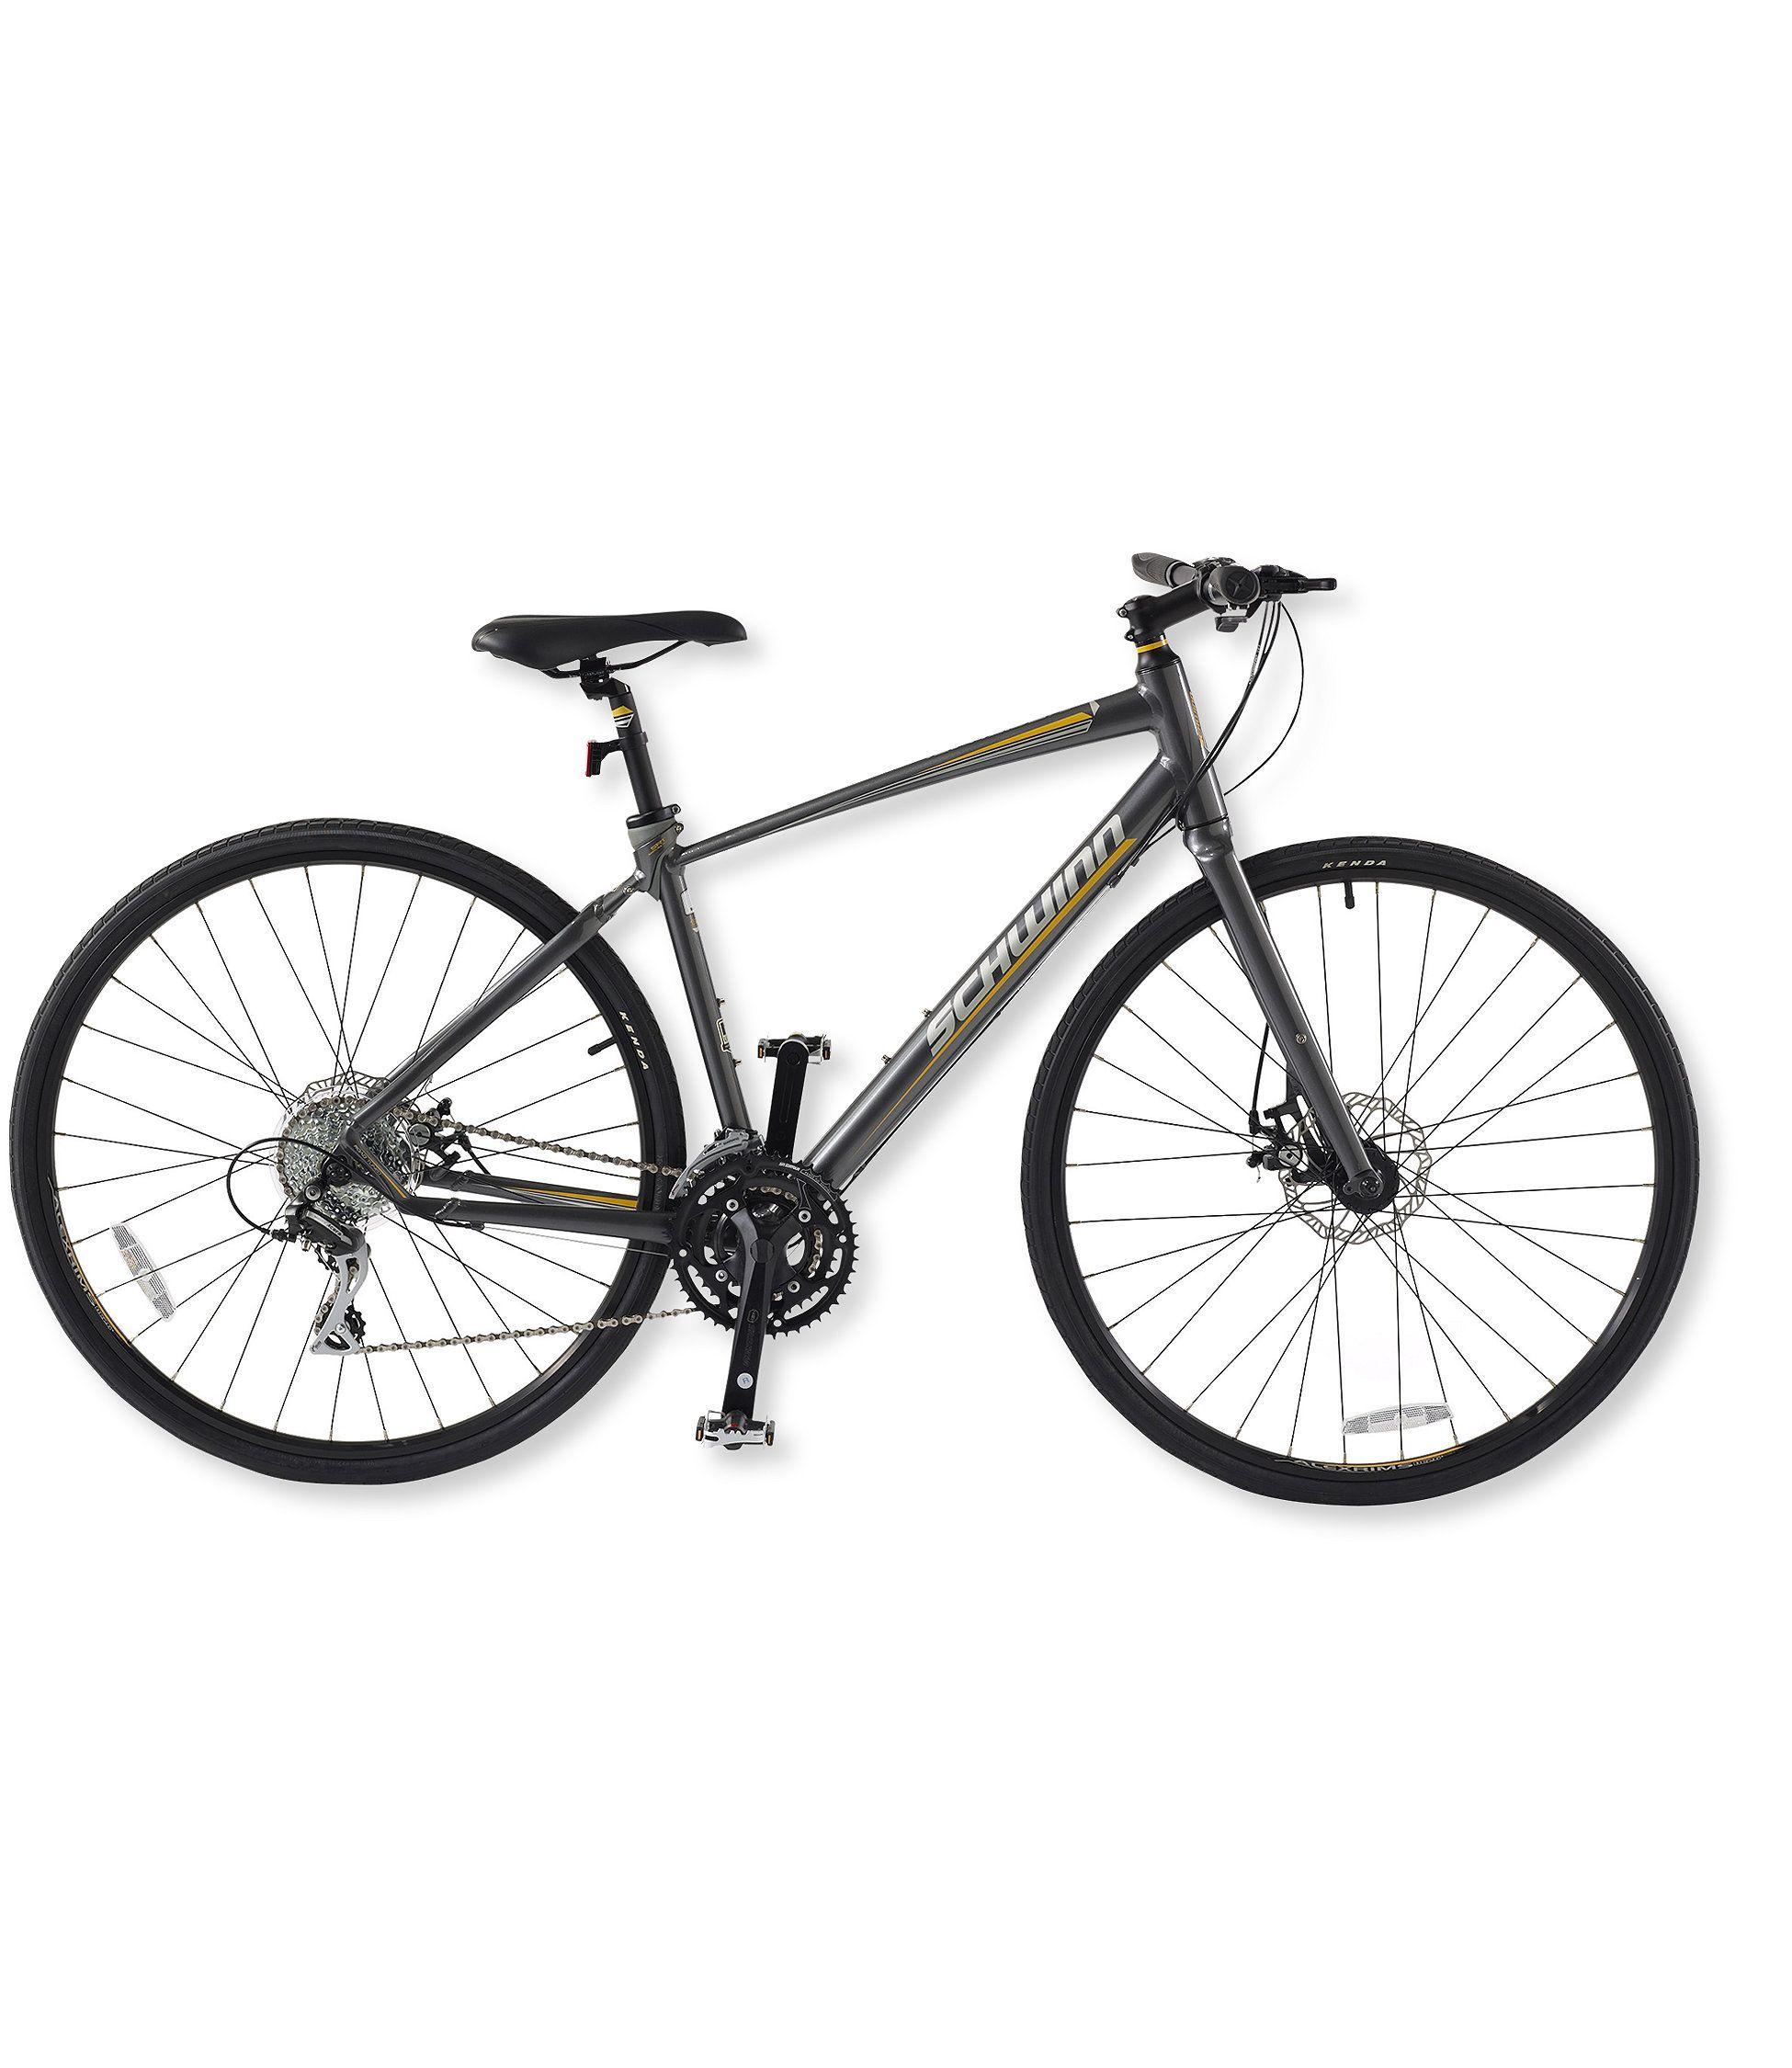 3d093e2e193 Men's Schwinn Vantage F2 Bike | Products | Bike, Trek road bikes ...